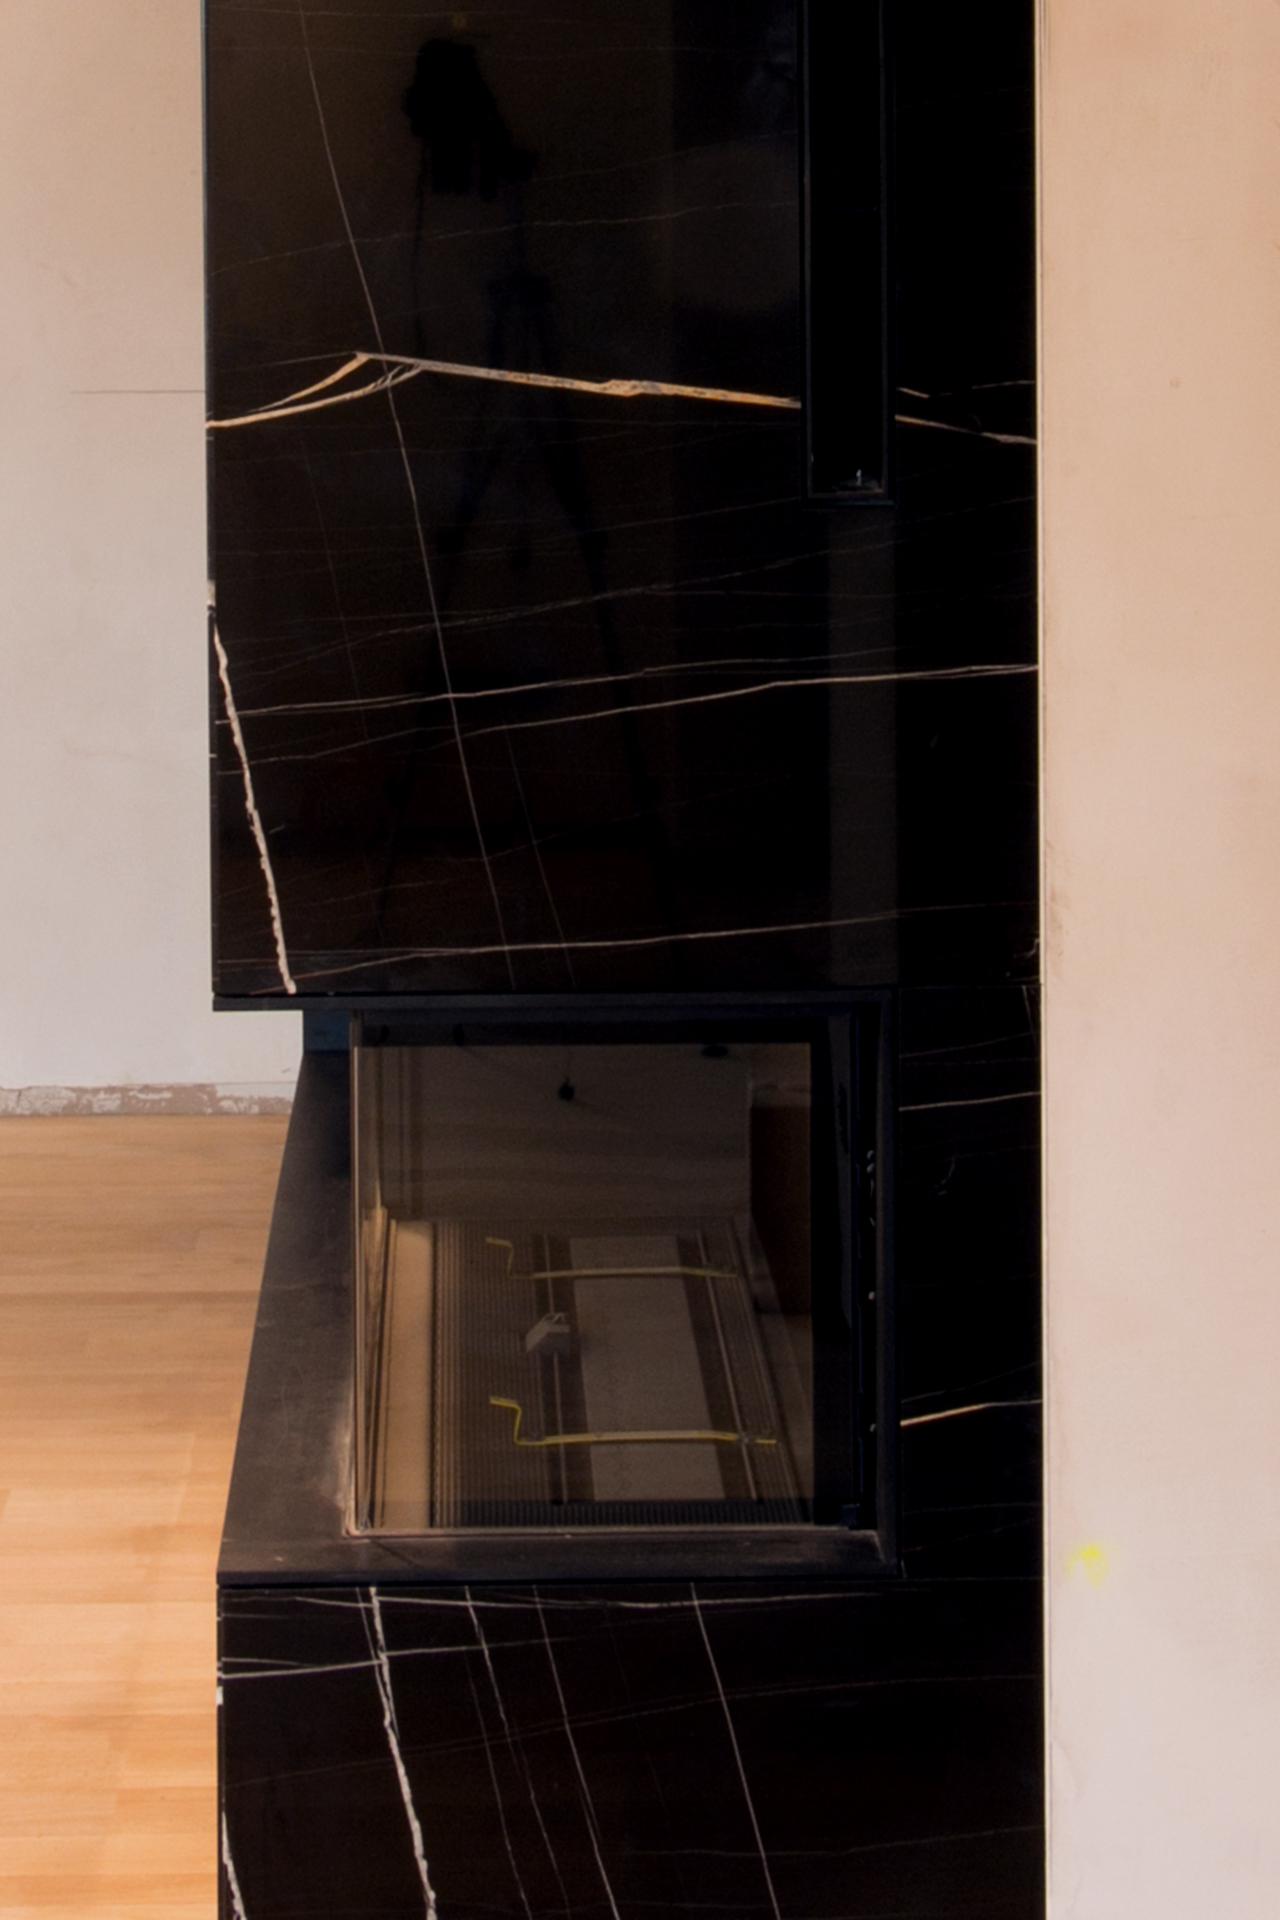 marmor_radermacher_sahara_noir_schwarz_marmor_gold_kamin_modern_exklusiv_seite_detail